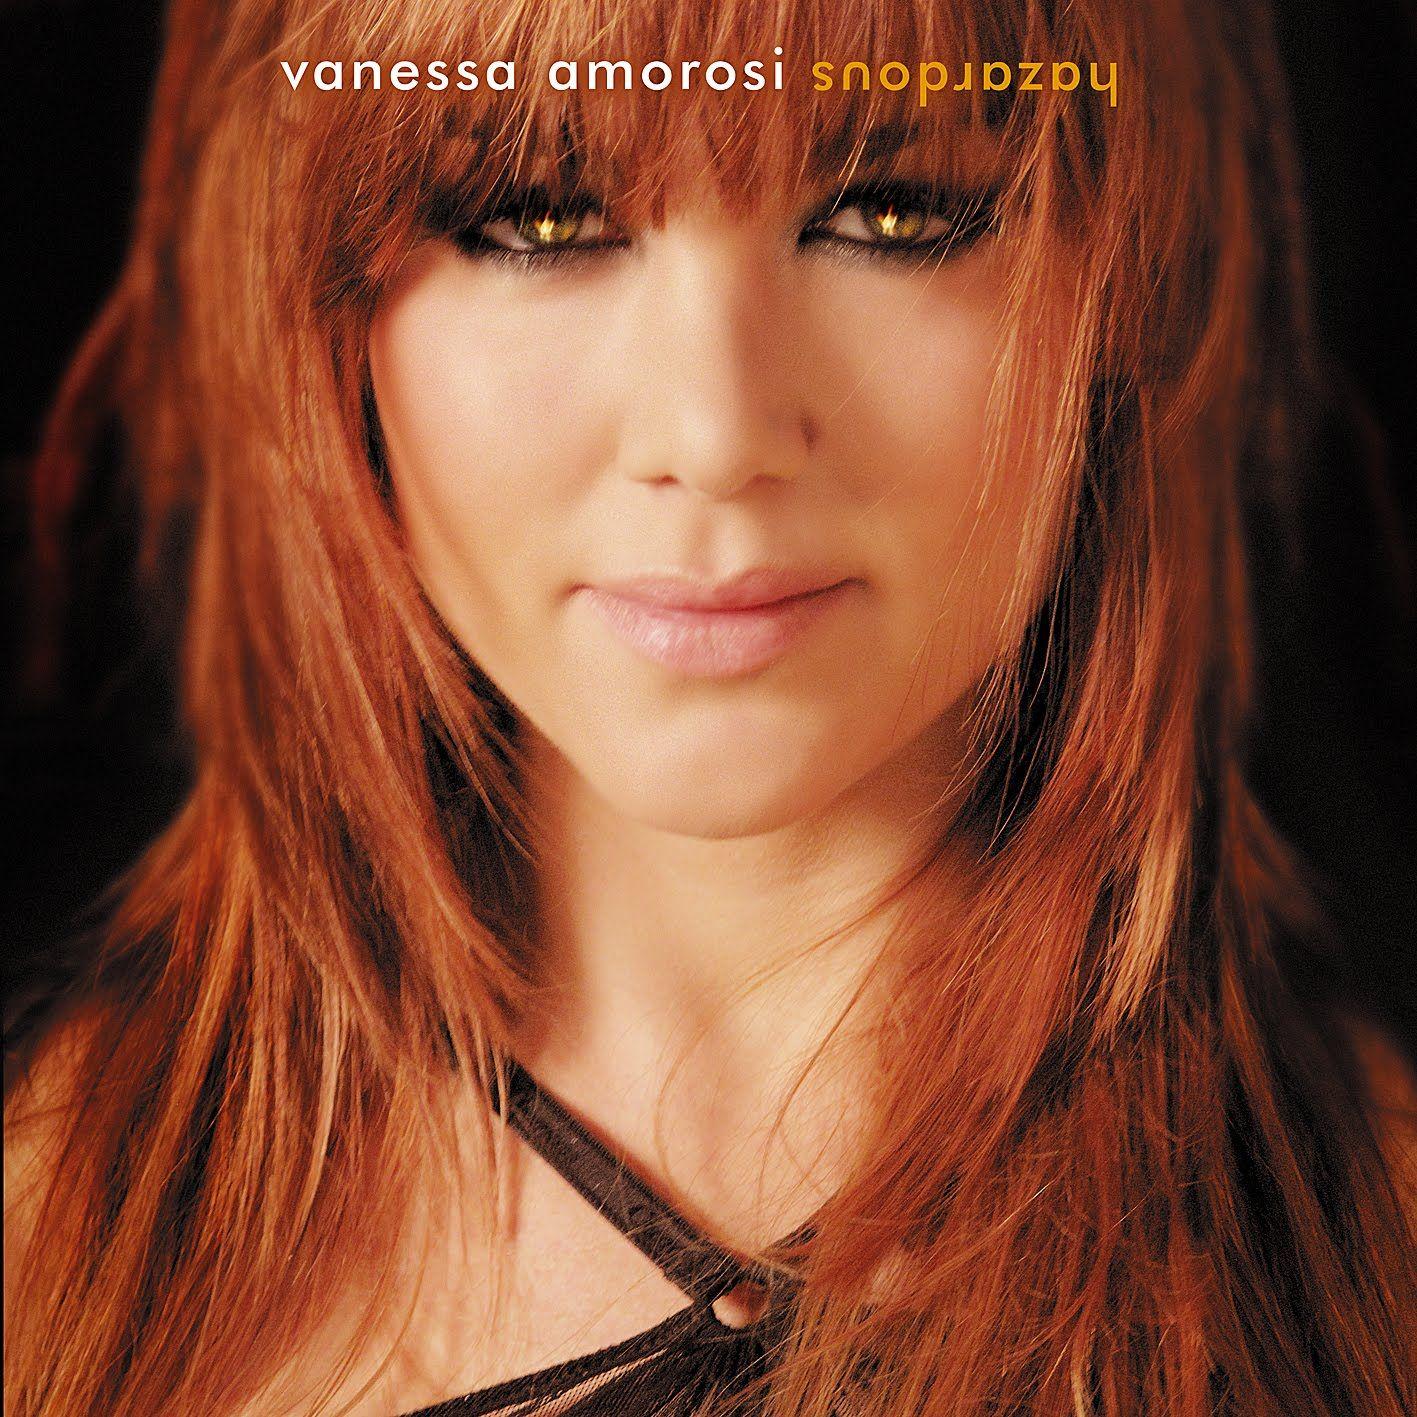 Vanessa Amorosi - Hazardous album cover